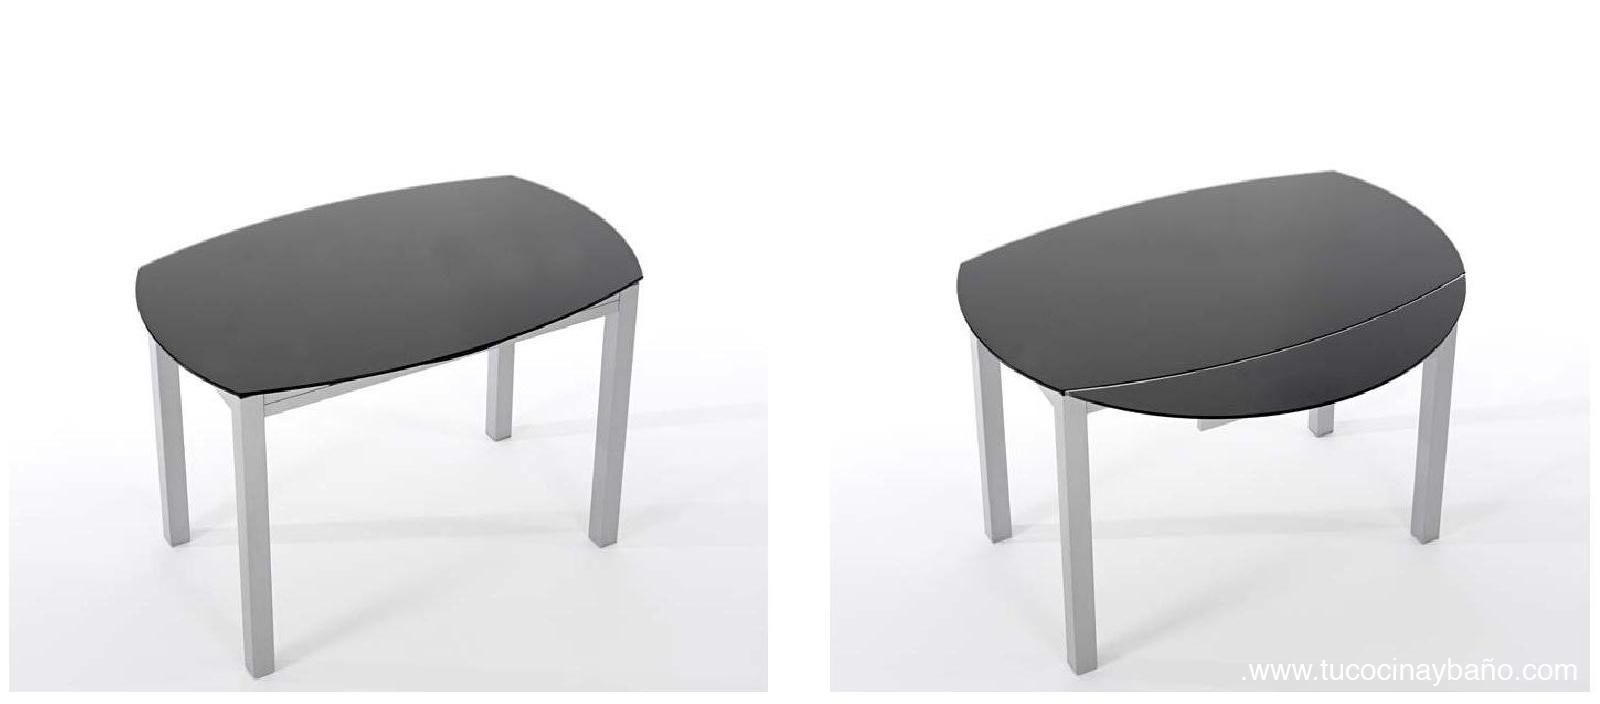 Mesas De Cocina Redondas. Perfect Mesas Redondas De Ikea Para El ...